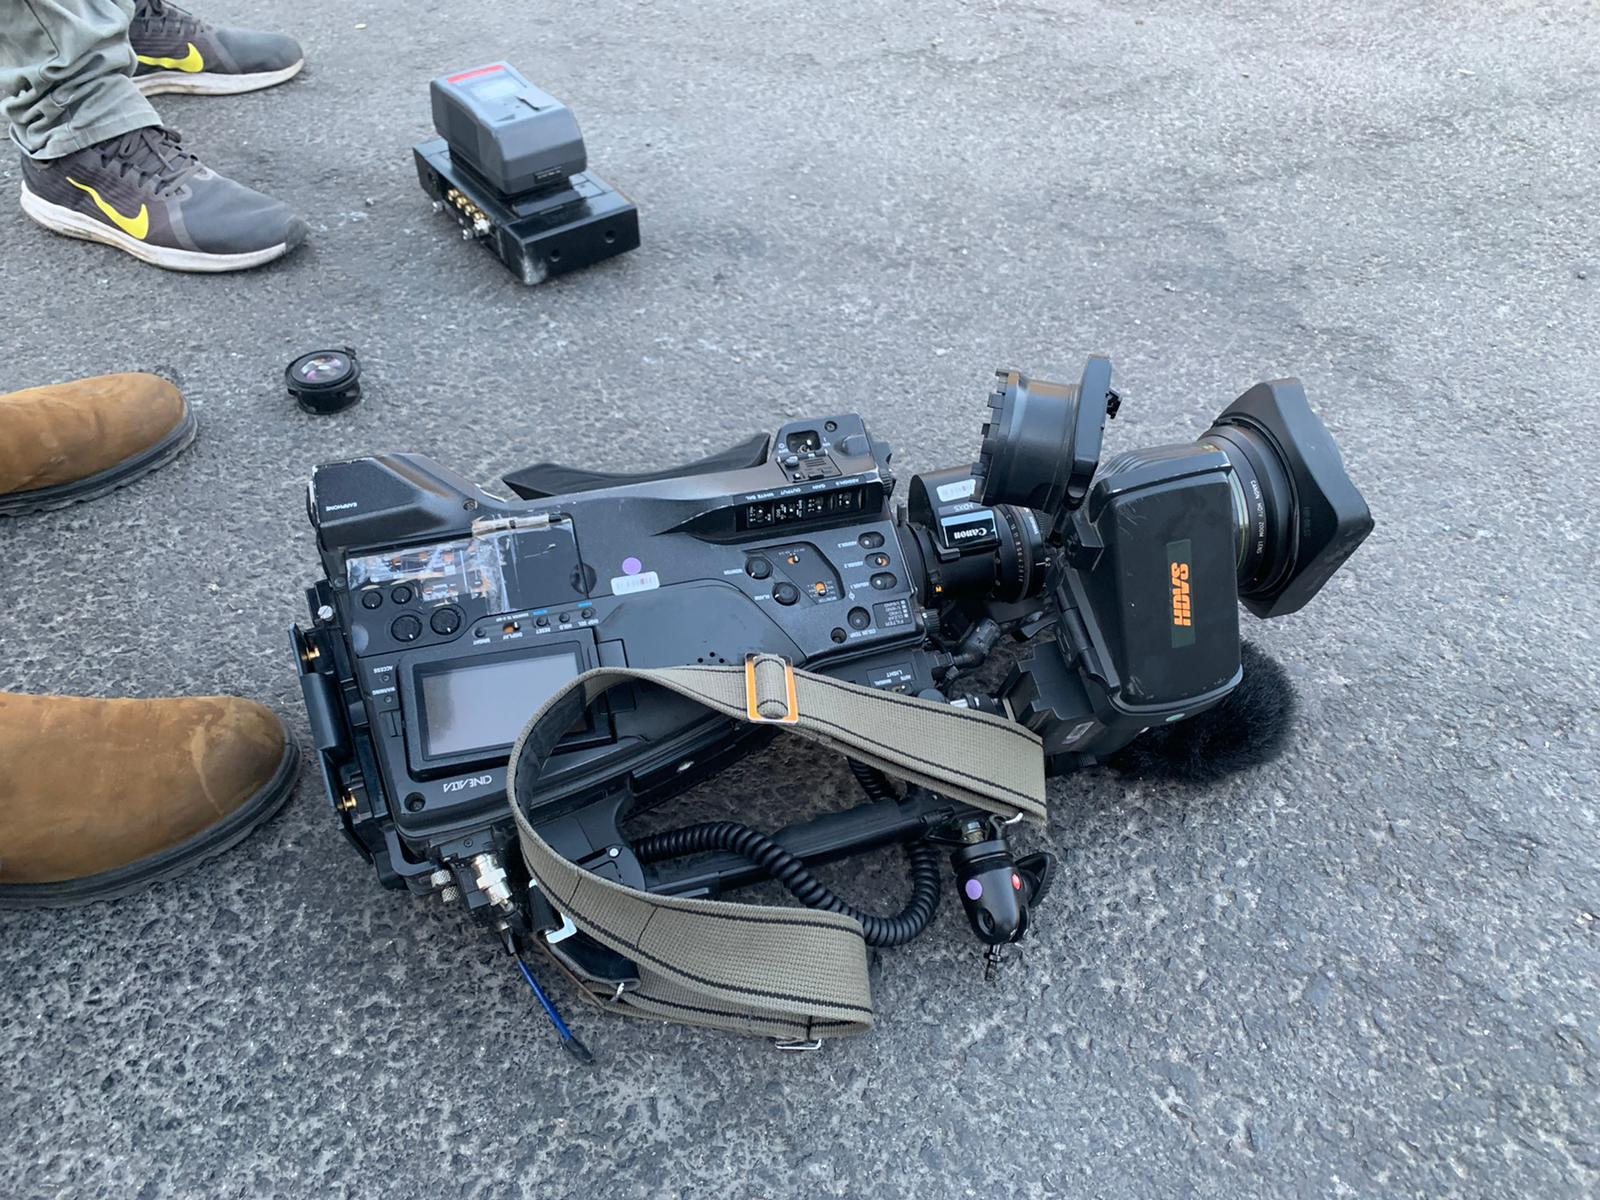 المطالبة بتشكيل لجنة تحقيق بالإعتداء على الصحافيين